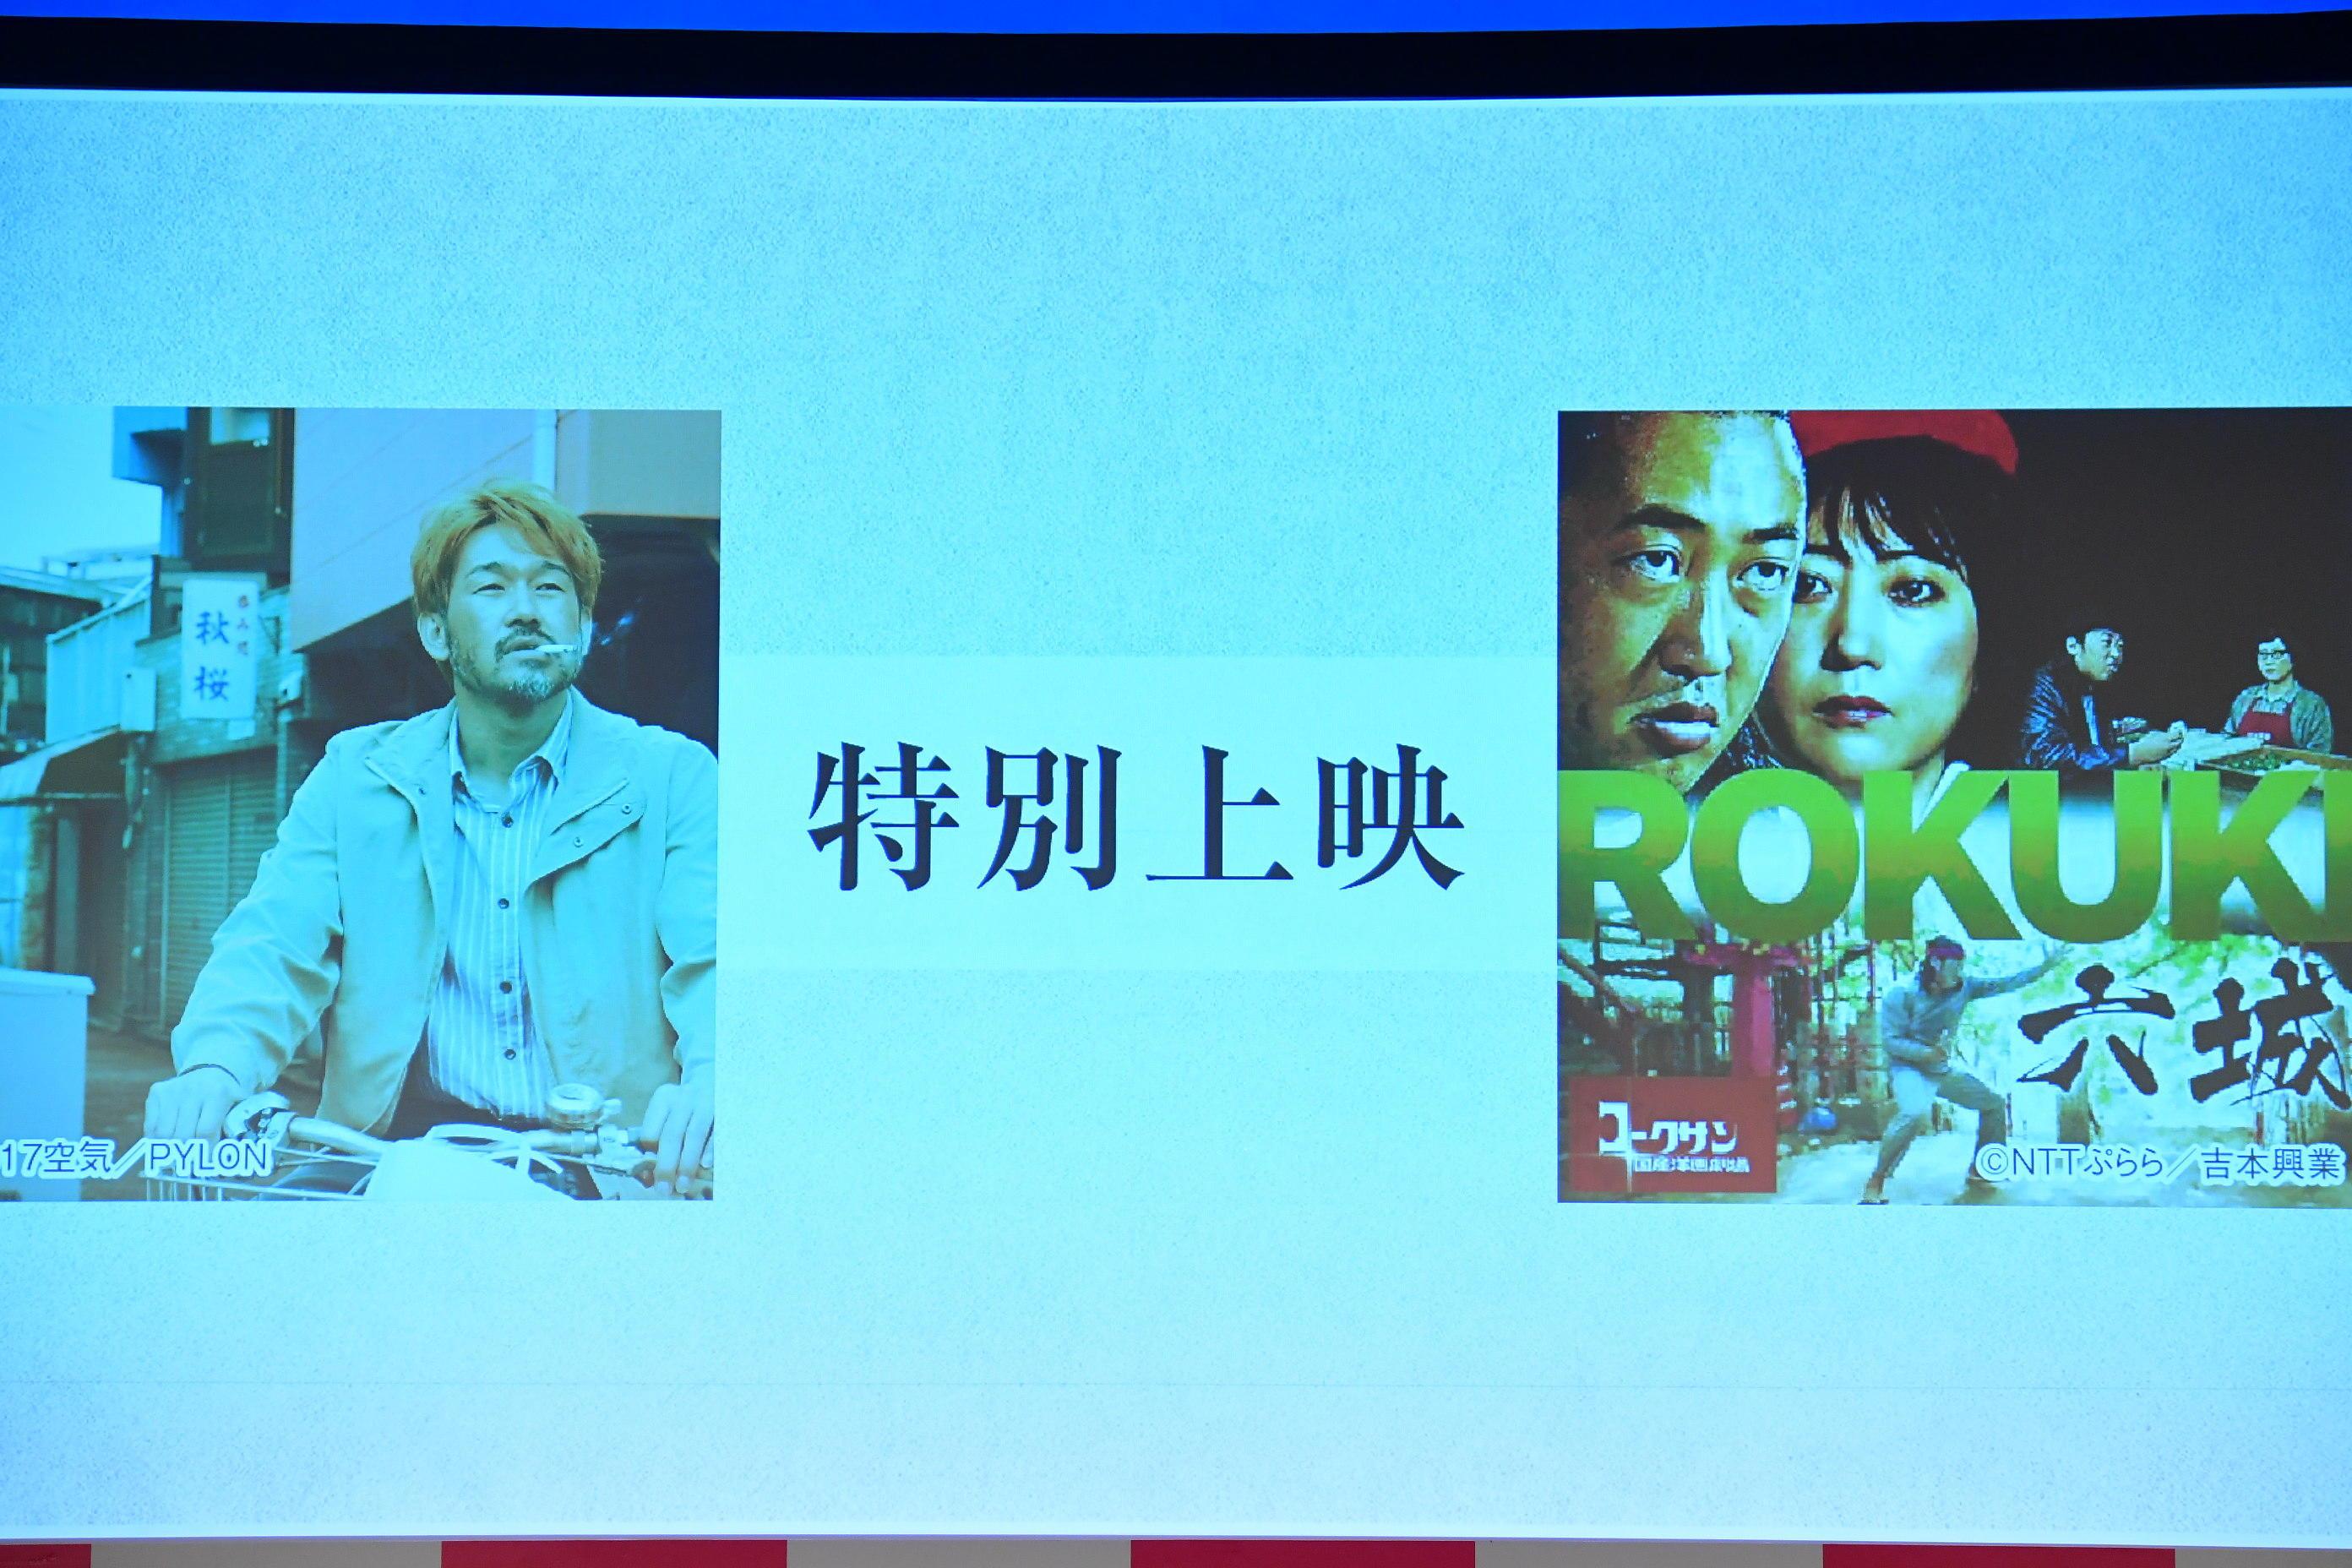 http://news.yoshimoto.co.jp/20180903232659-7573d61fccb5da3180d62b0660819da1c5597a3f.jpg